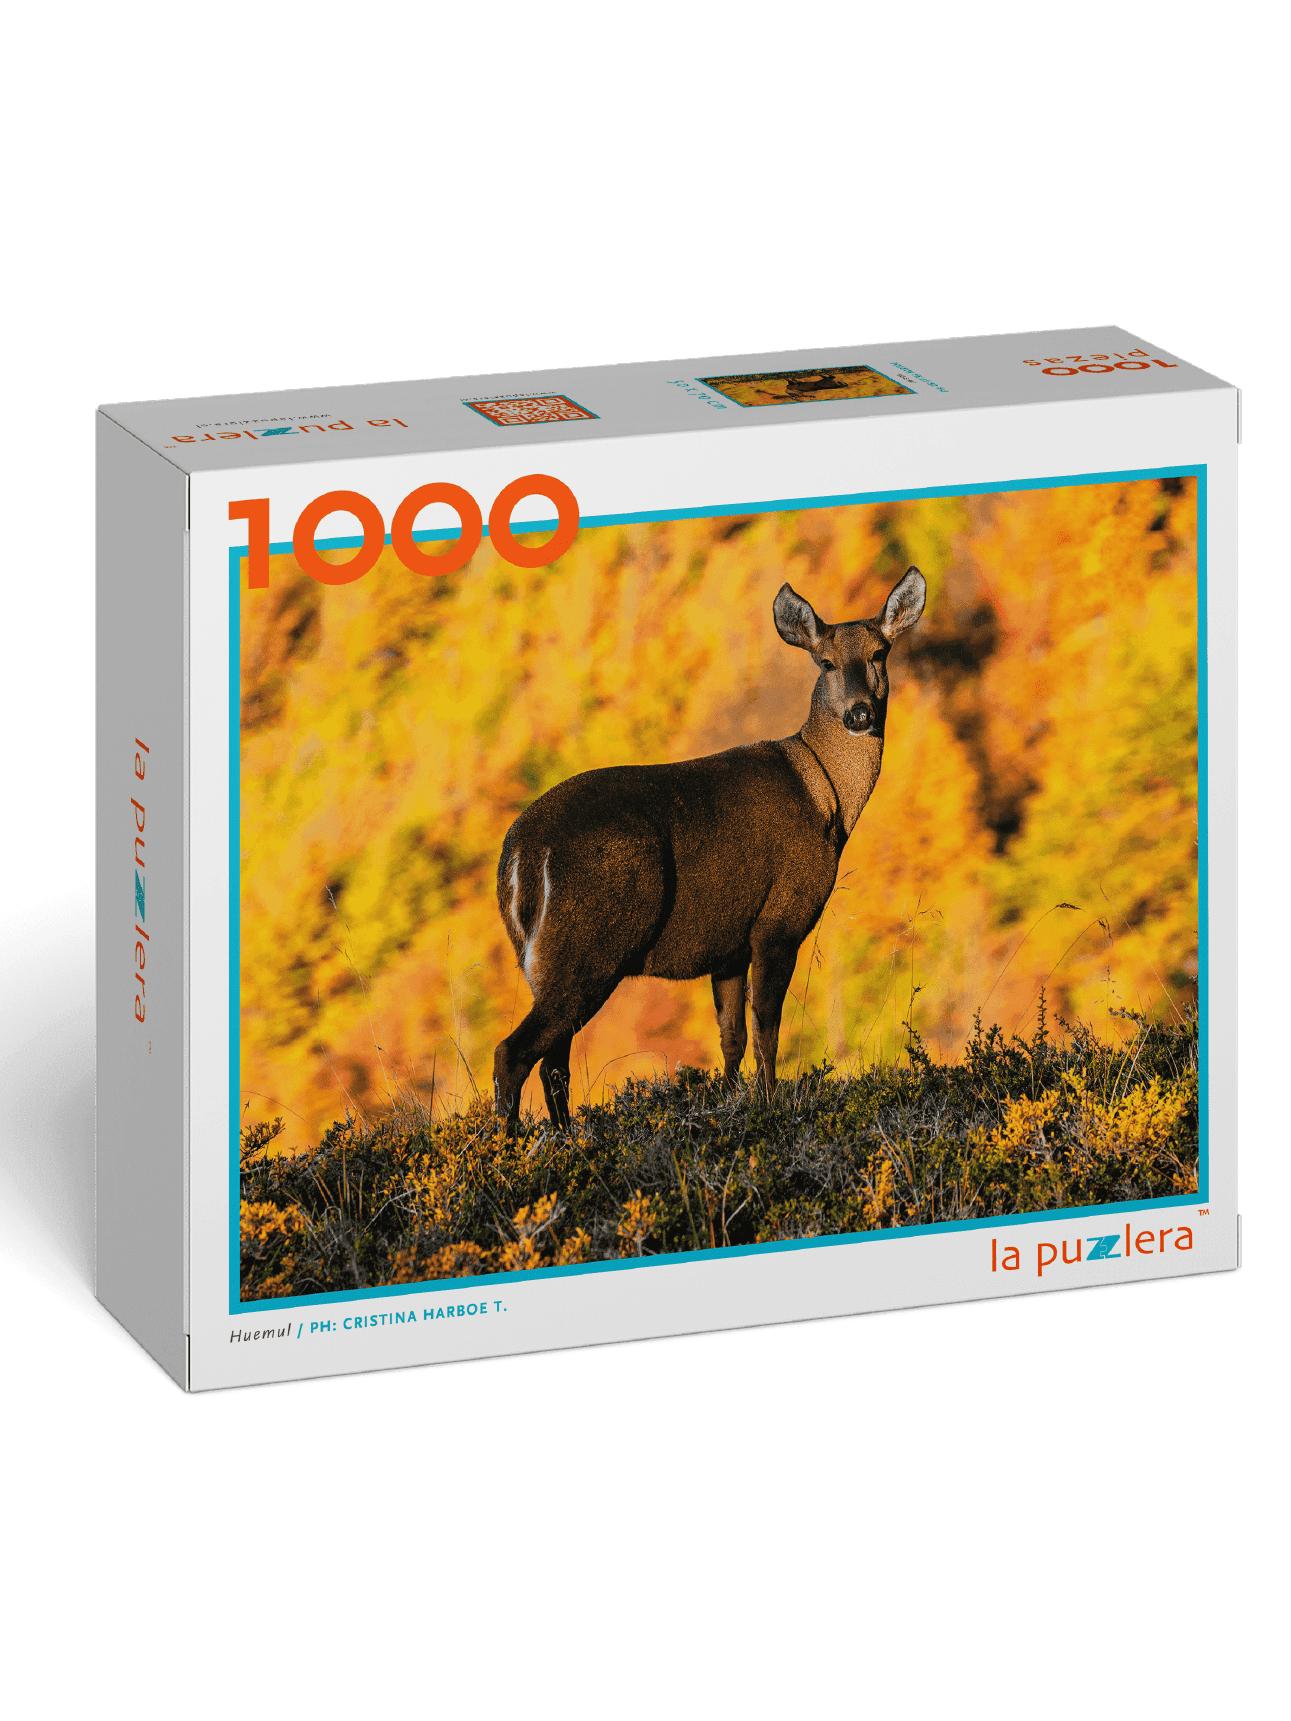 Puzzle Huemul 1000 Piezas